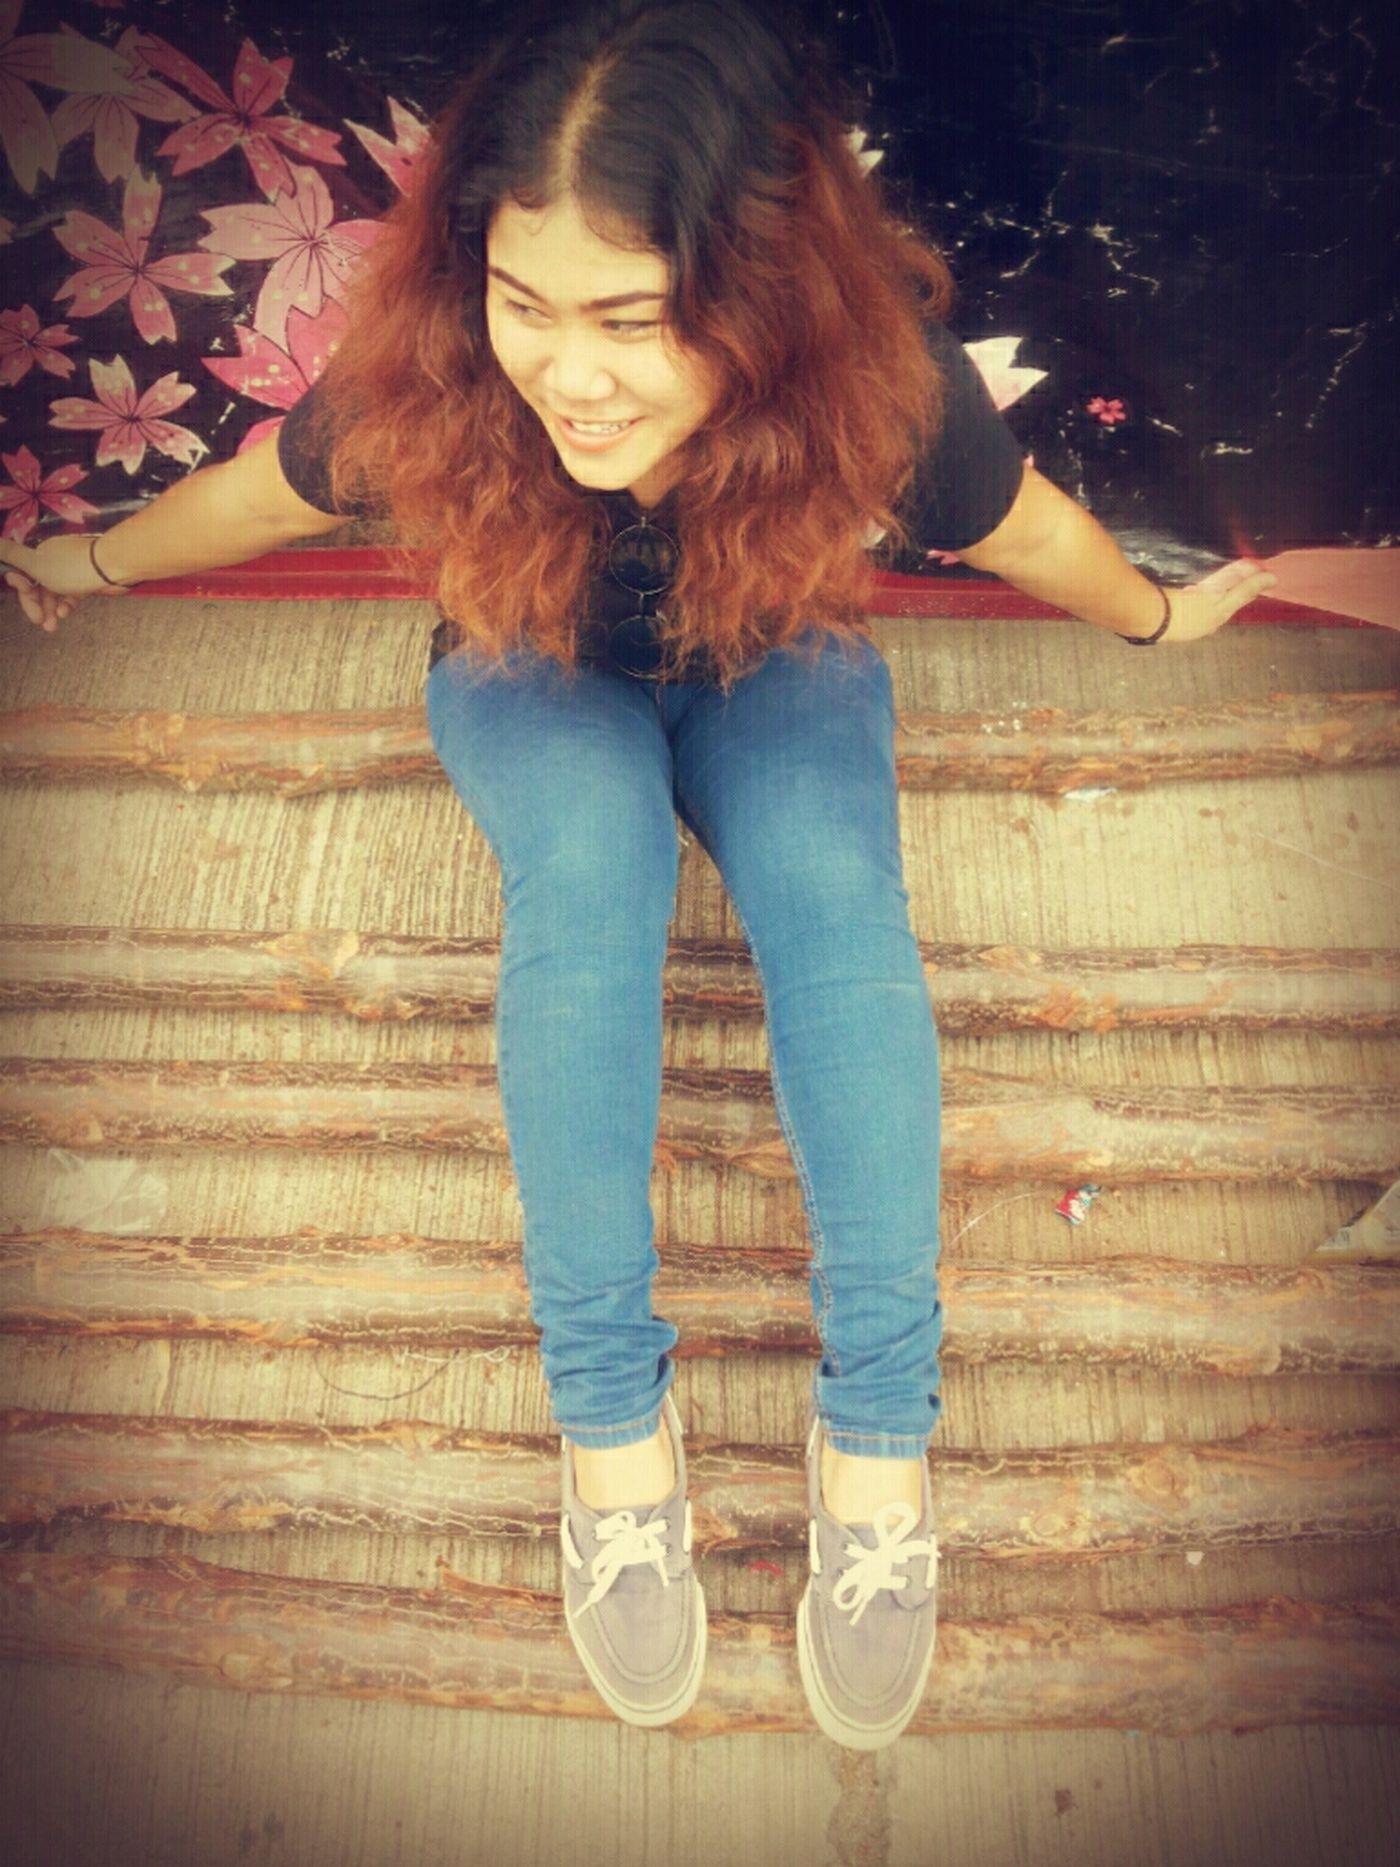 ฉันกำลังมีความสุขกับอะไร??? ไม่จำเป็นต้องรู้ แค่รู้ว่าฉันยังยิ้มได้ก็พอ